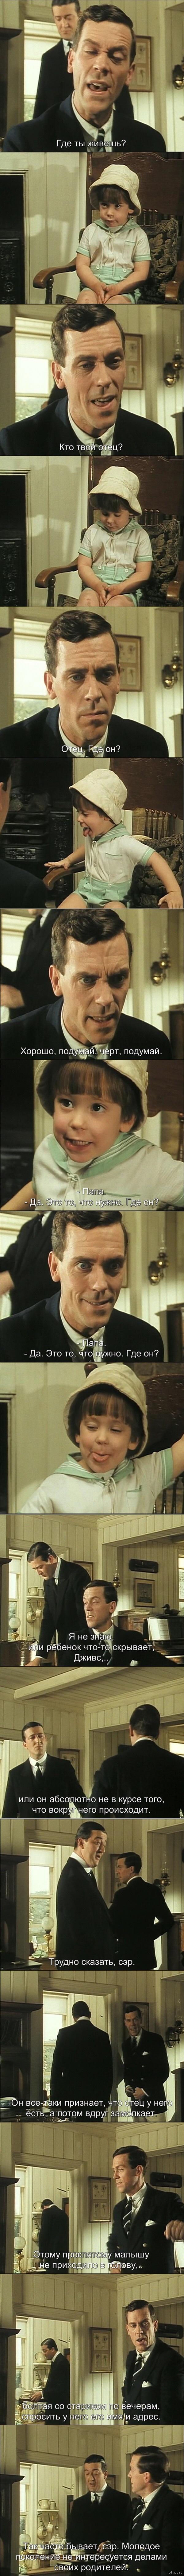 Немного английского юмора